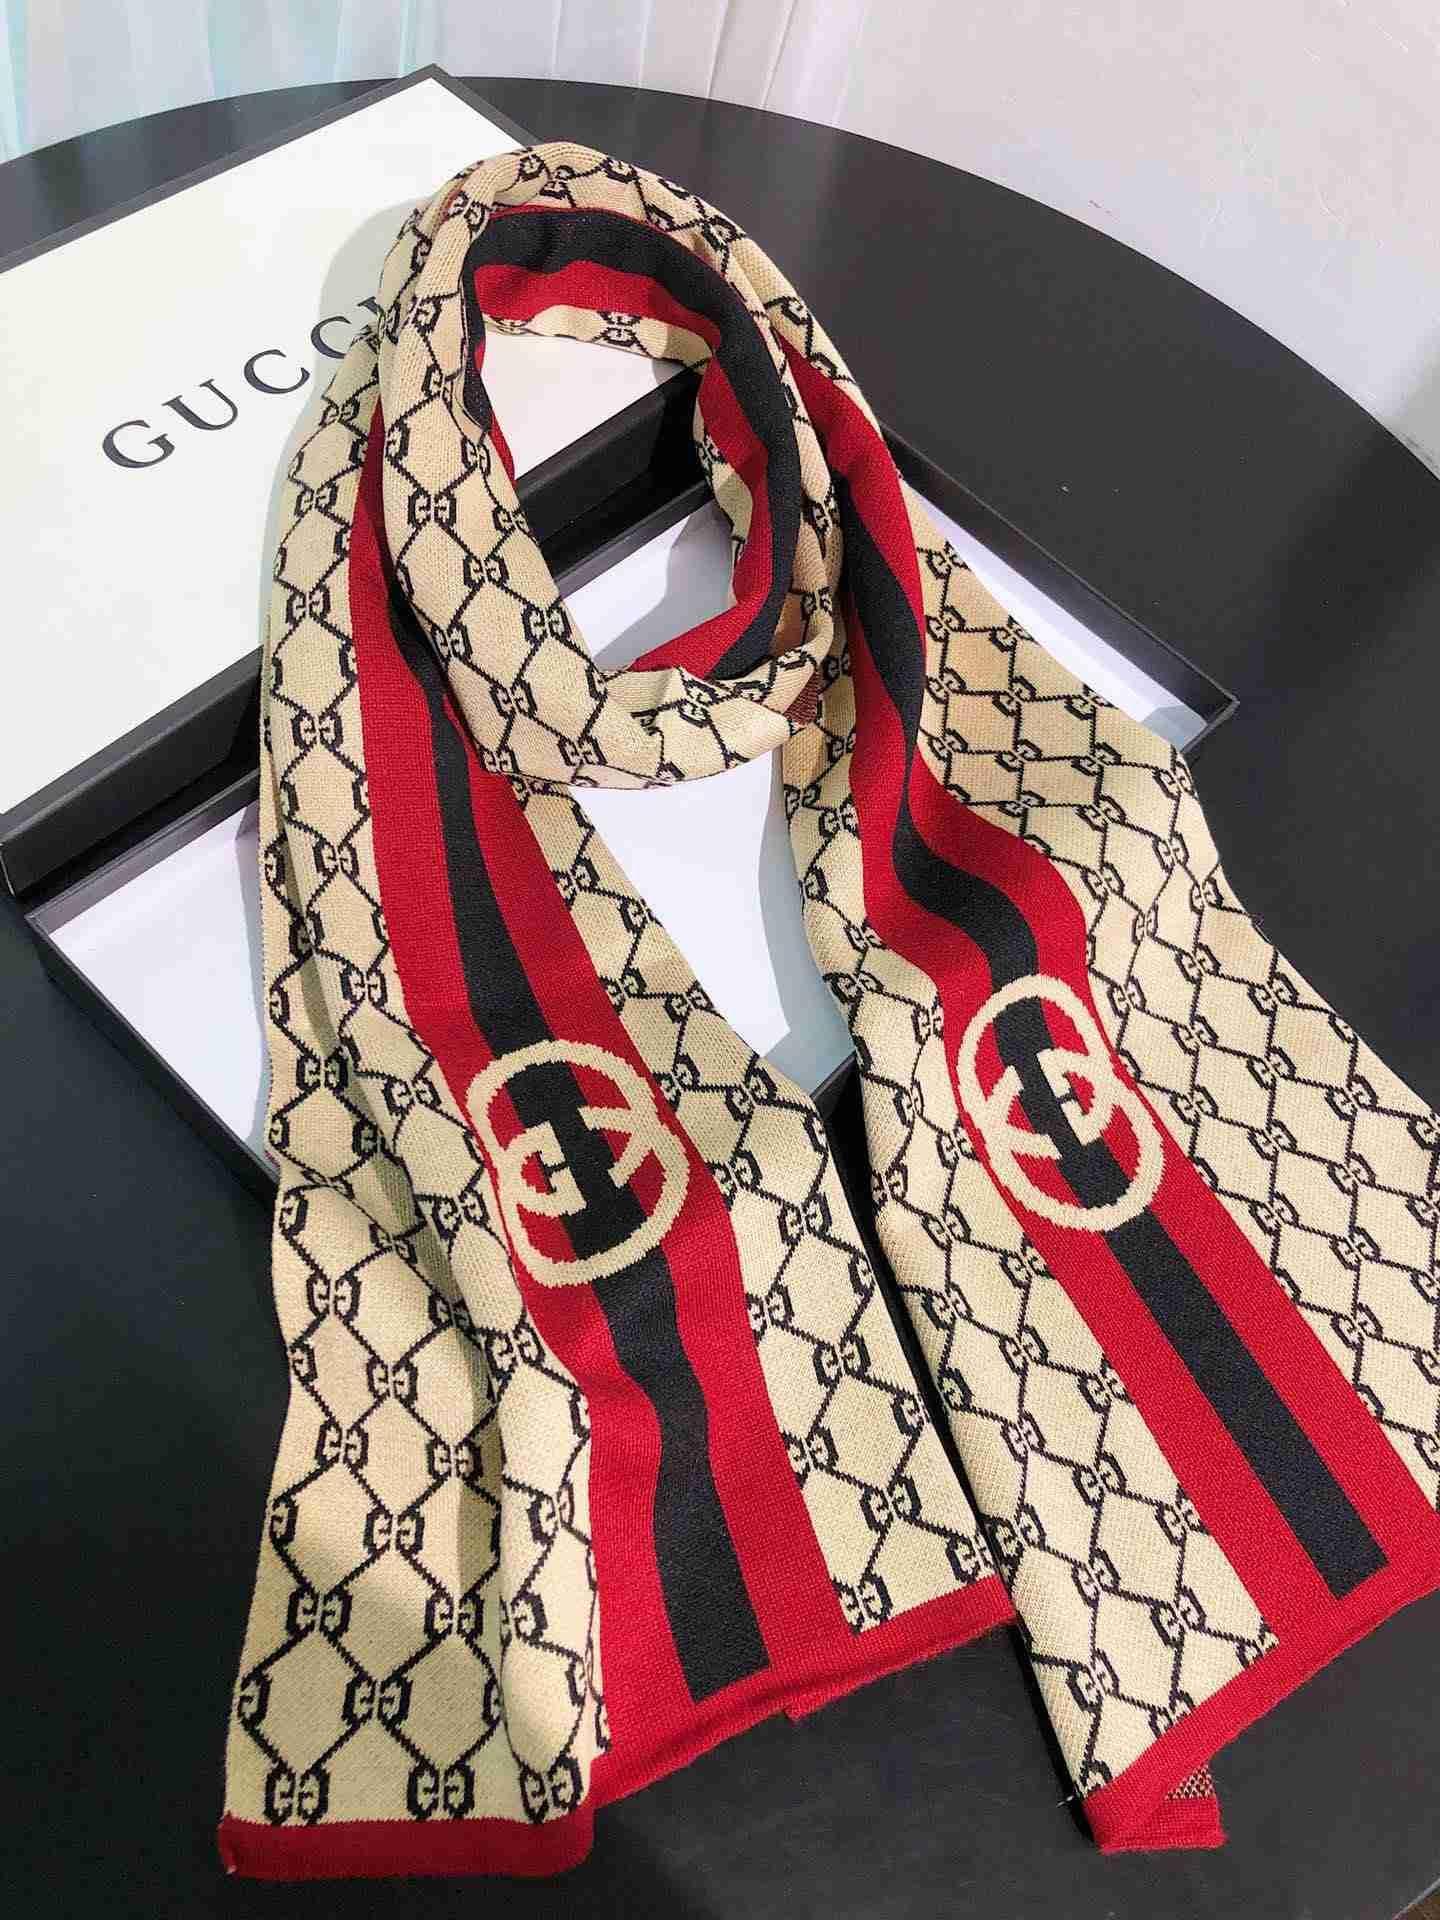 All'ingrosso-lusso sciarpa uomini e le donne di lana sciarpa 180X30CM echarpe cachecol lettera design in stile autunno e inverno sciarpa scialle